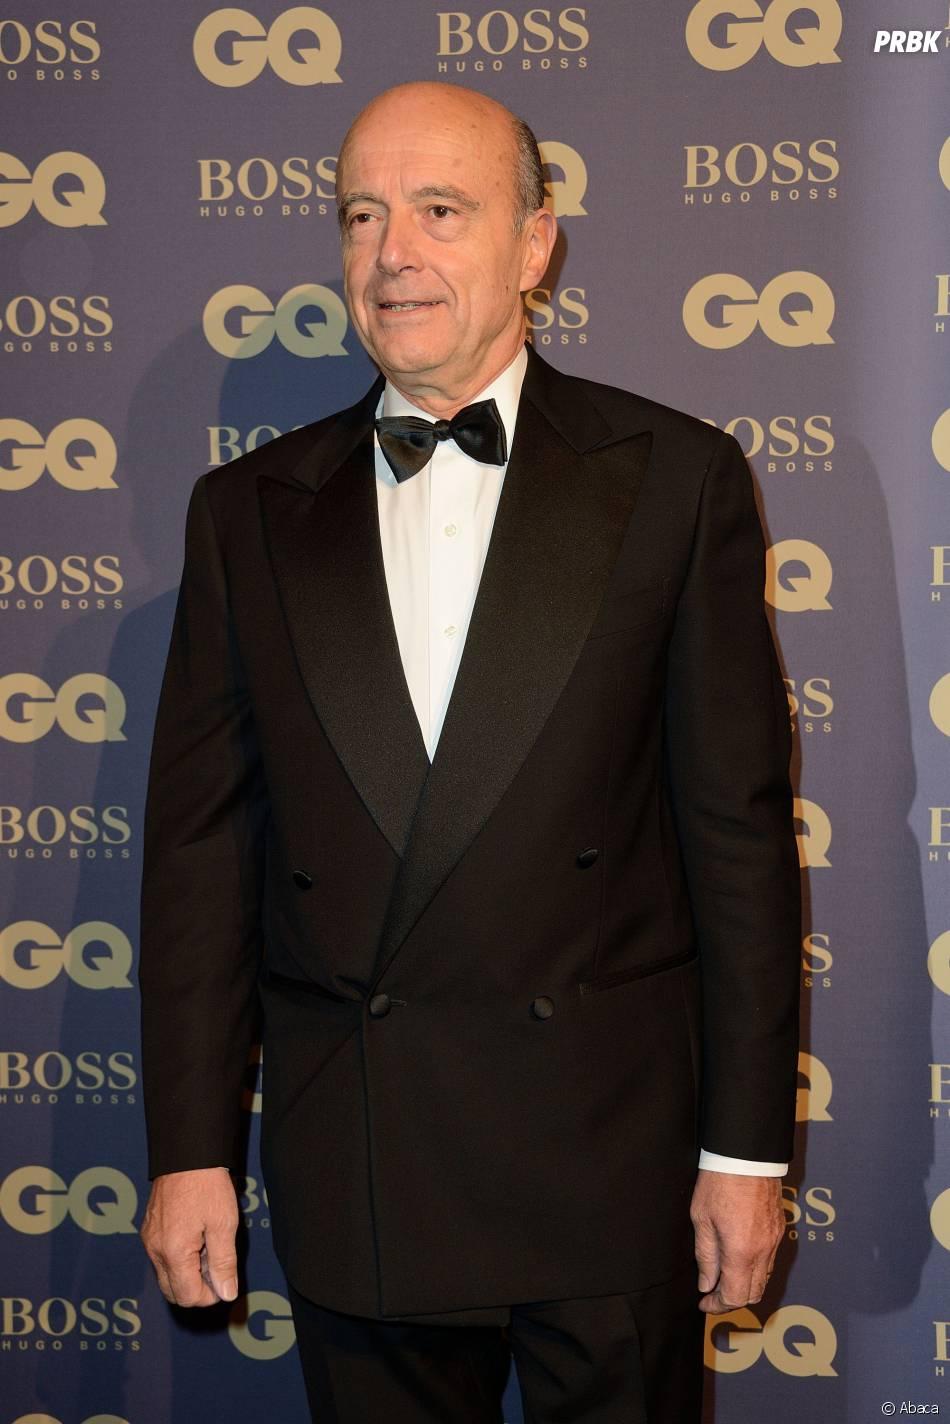 Alain Juppé lors de la soirée GQ, au musée d'Orsay, le 19 novembre 2014